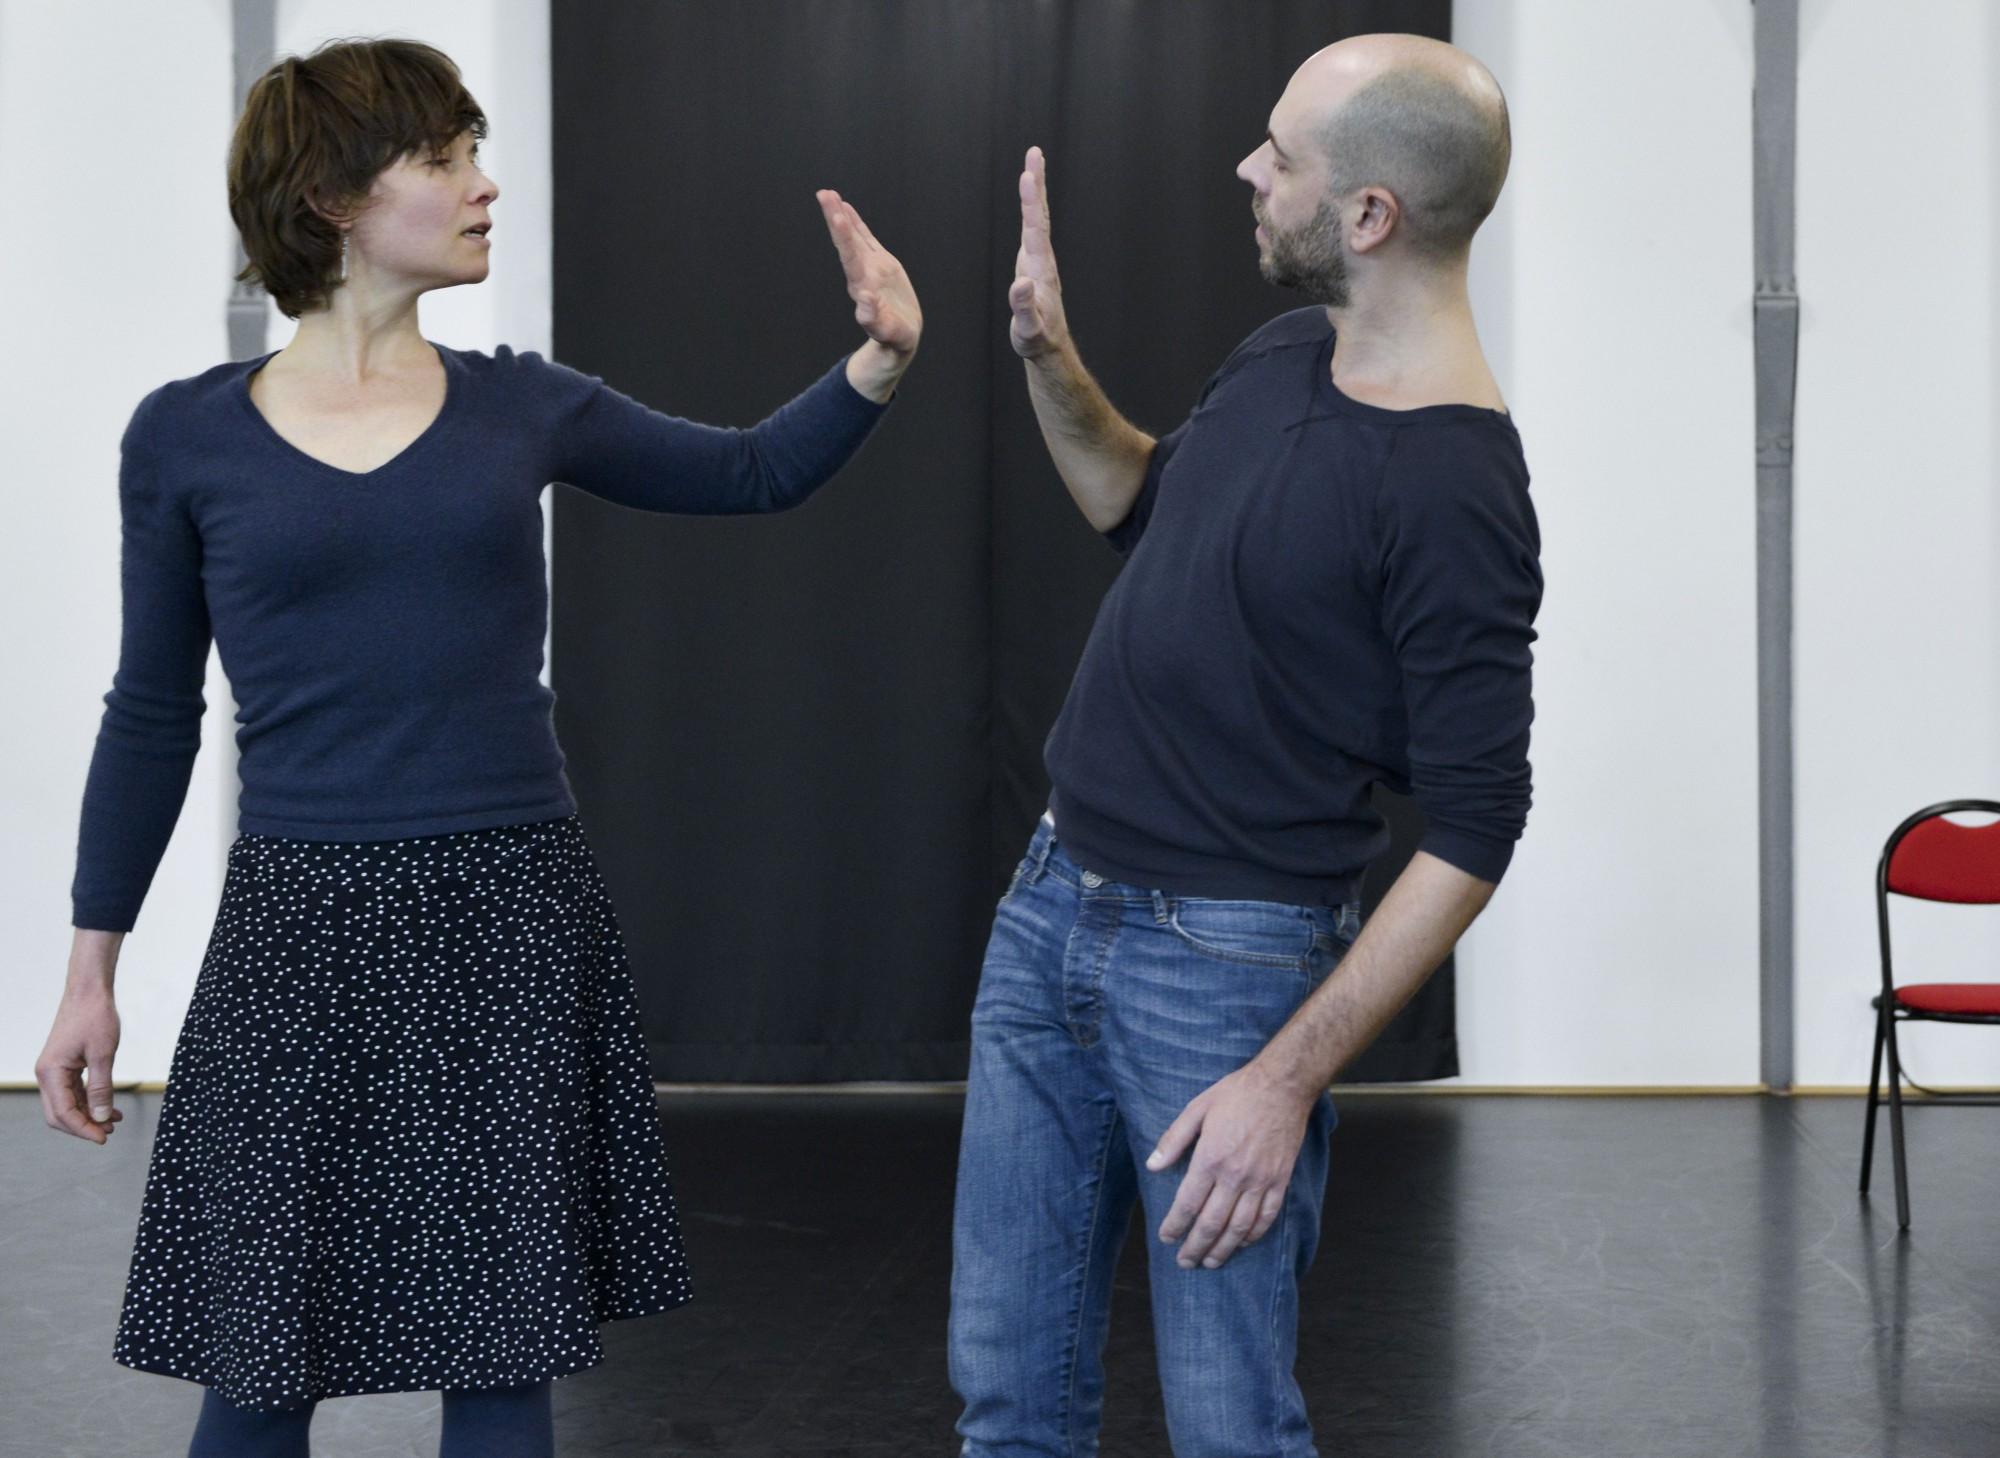 Gilles Verièpe & Ingrid Thobois (Crédits : Delphine Micheli)